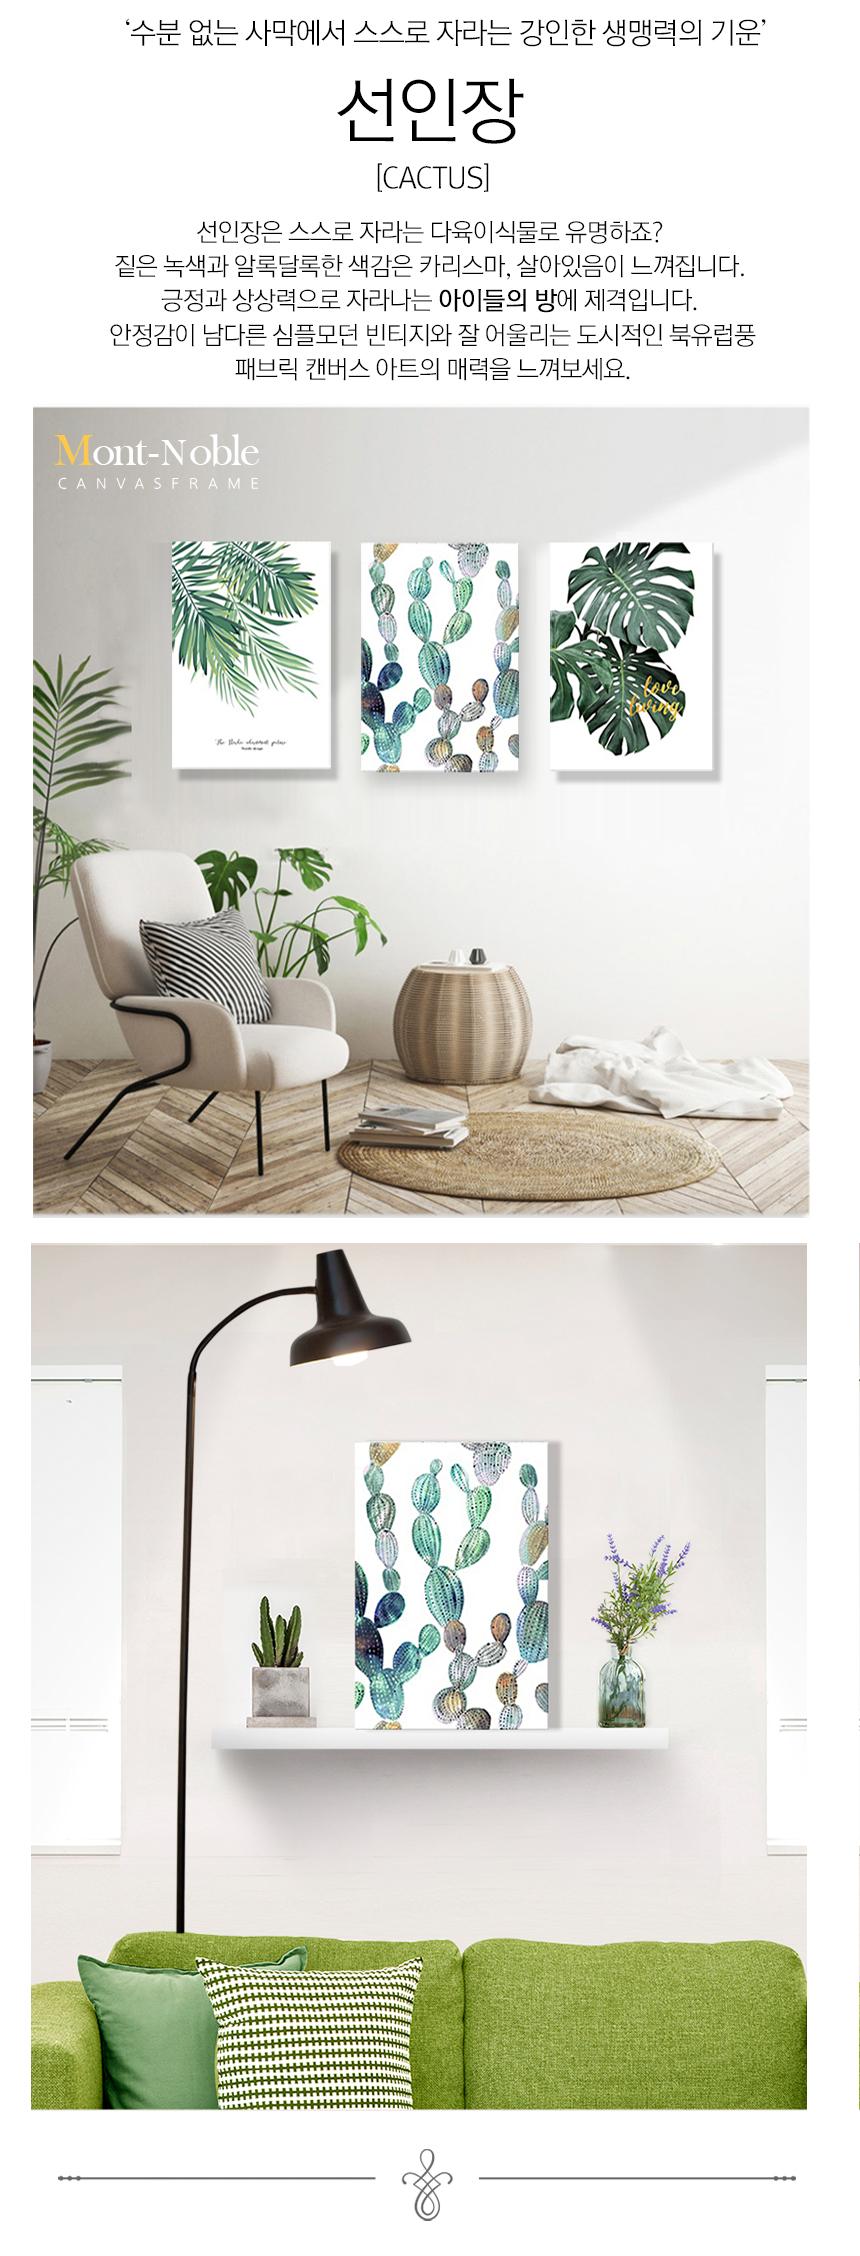 튤립 캔버스액자 식물그림 인테리어액자 - 몽트노블, 23,310원, 액자, 벽걸이액자